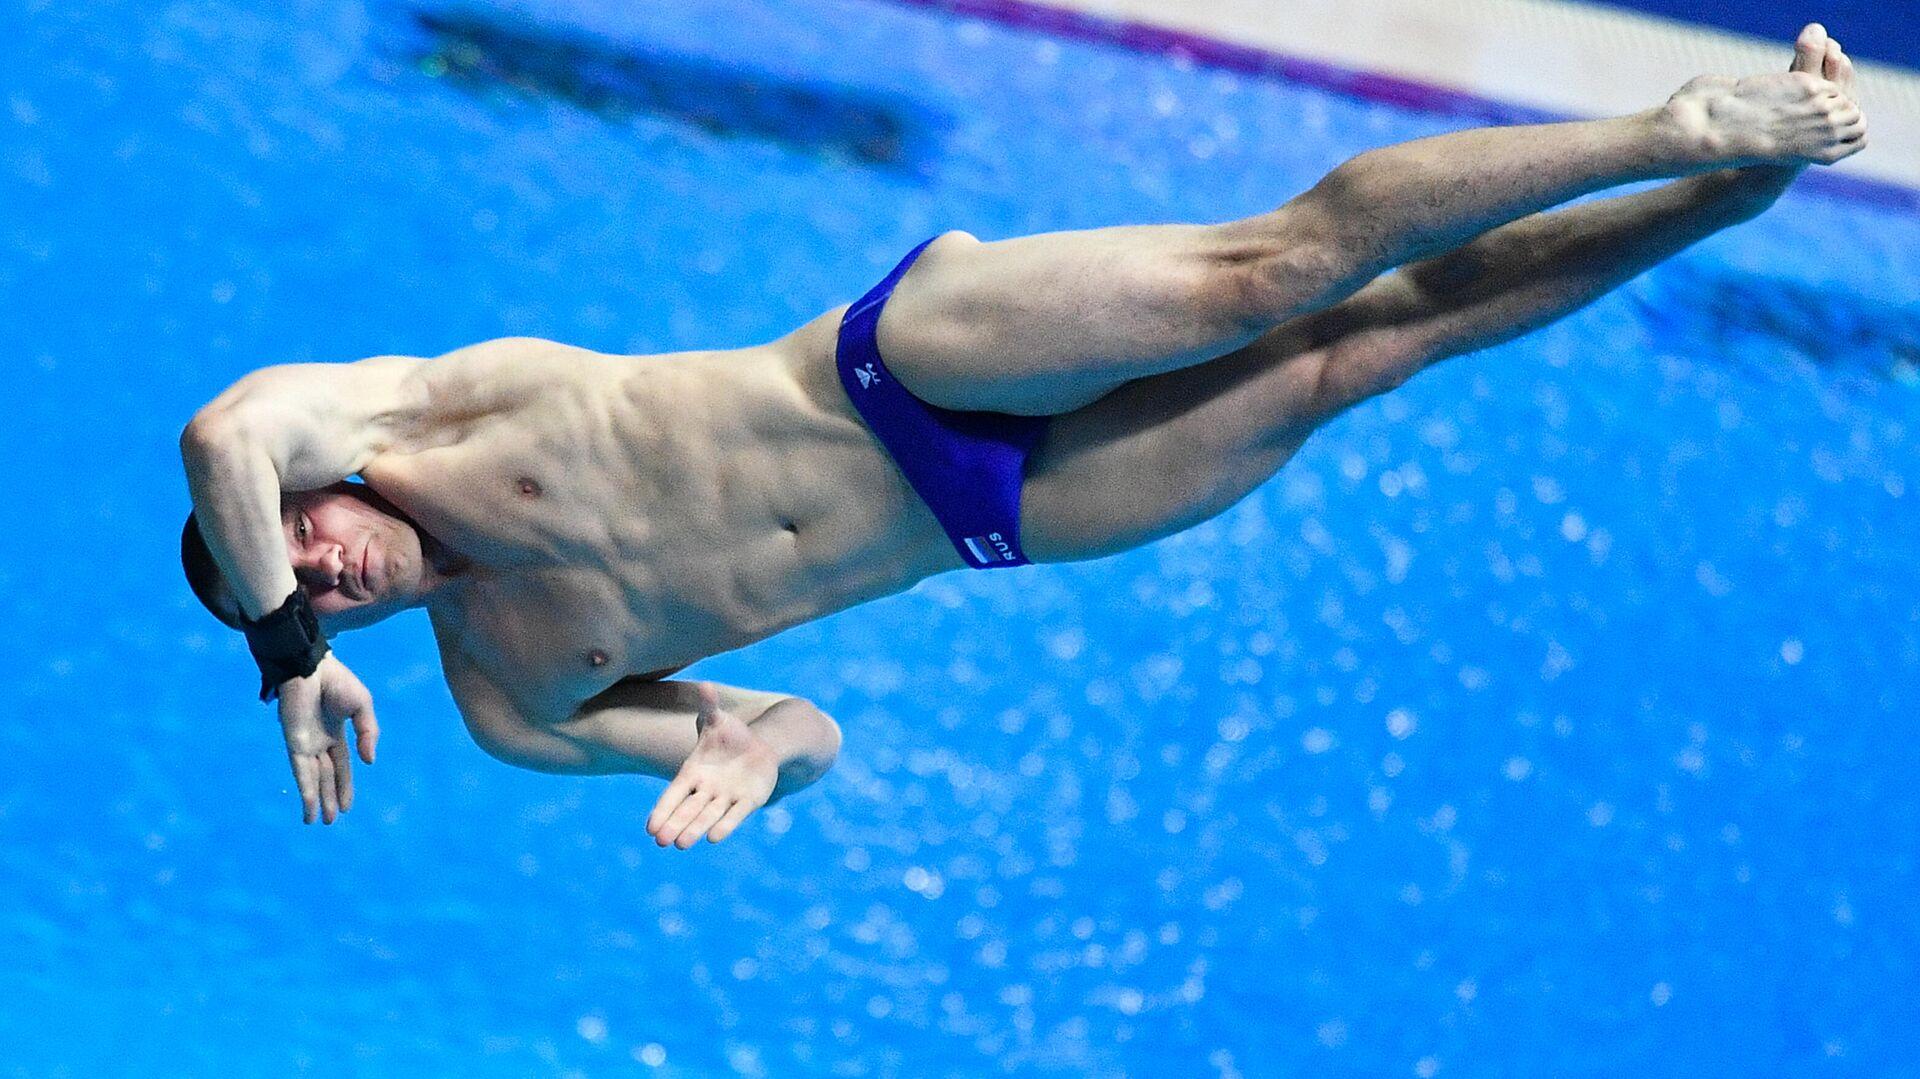 Чемпионат мира FINA 2019. Прыжки в воду. Мужчины. Трамплин 3 м - РИА Новости, 1920, 27.11.2020